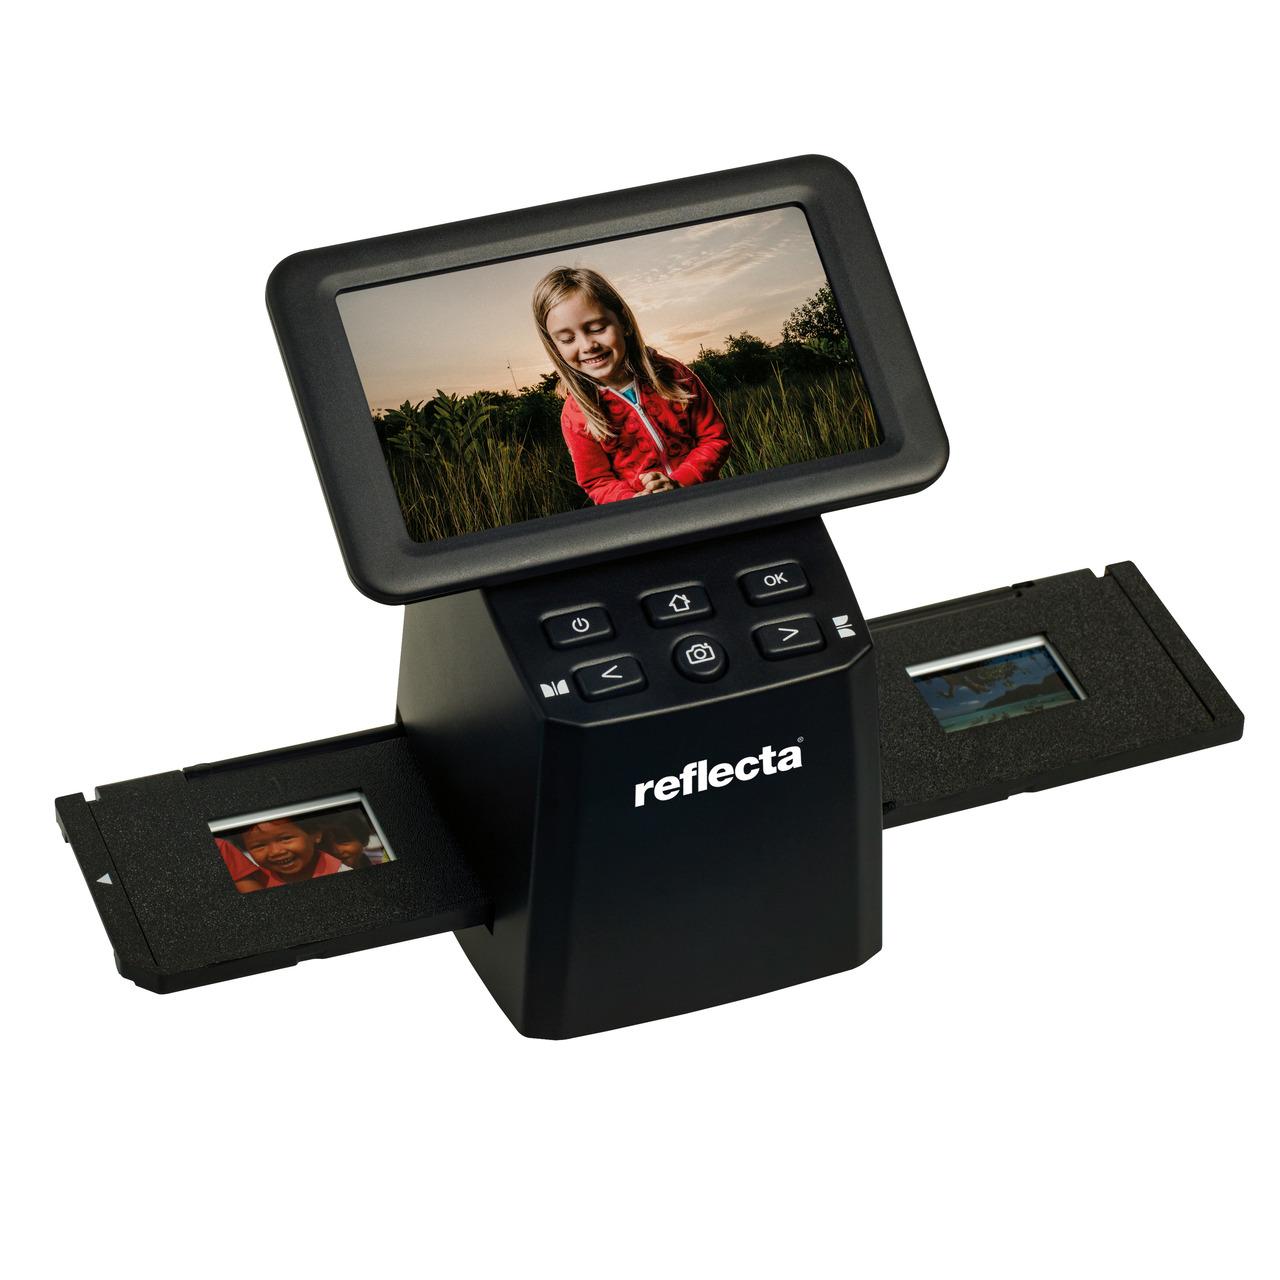 reflecta Dia-Negativscanner x33-Scan- 15-3 Megapixel- IPS-Display 12-7 cm (5)- RGB-Farbanpassung